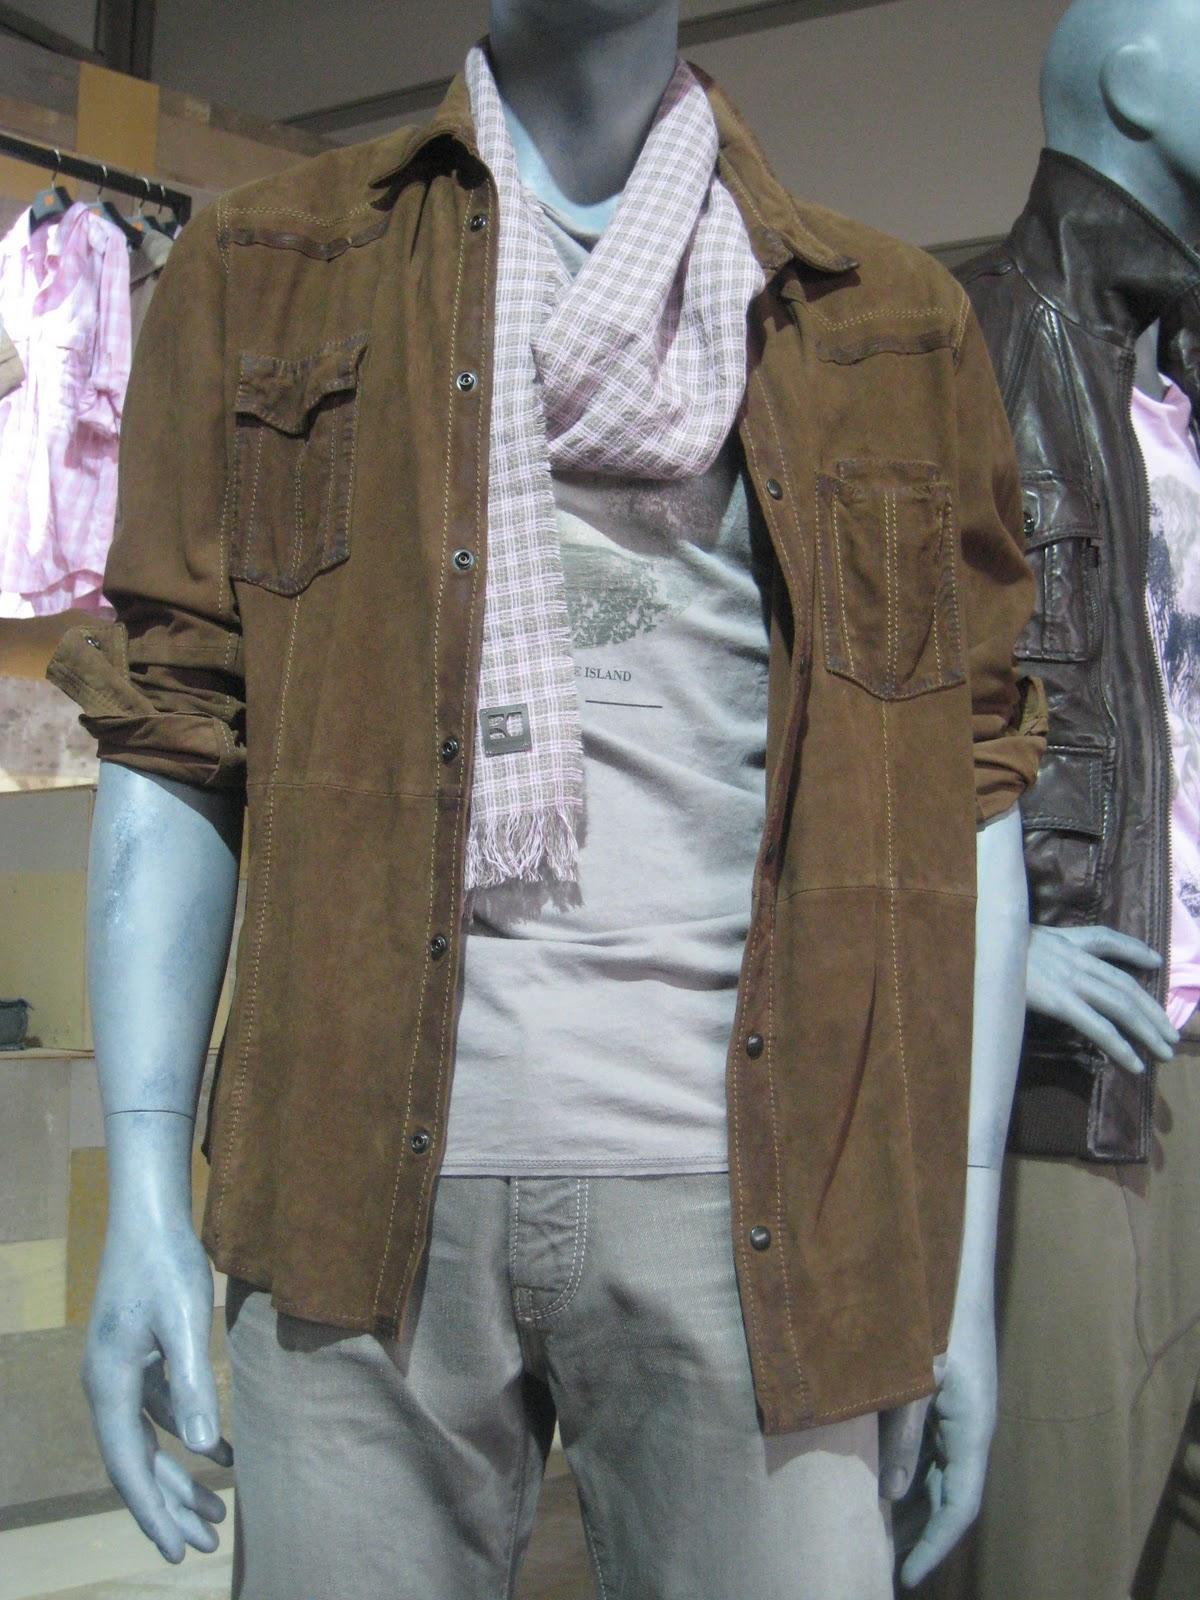 http://4.bp.blogspot.com/_NeTpqH7IRW8/TDWmOJ_mFVI/AAAAAAAABag/ZUH98Mwi3oU/s1600/01.+Menswear+-+Boss+Orange.jpg